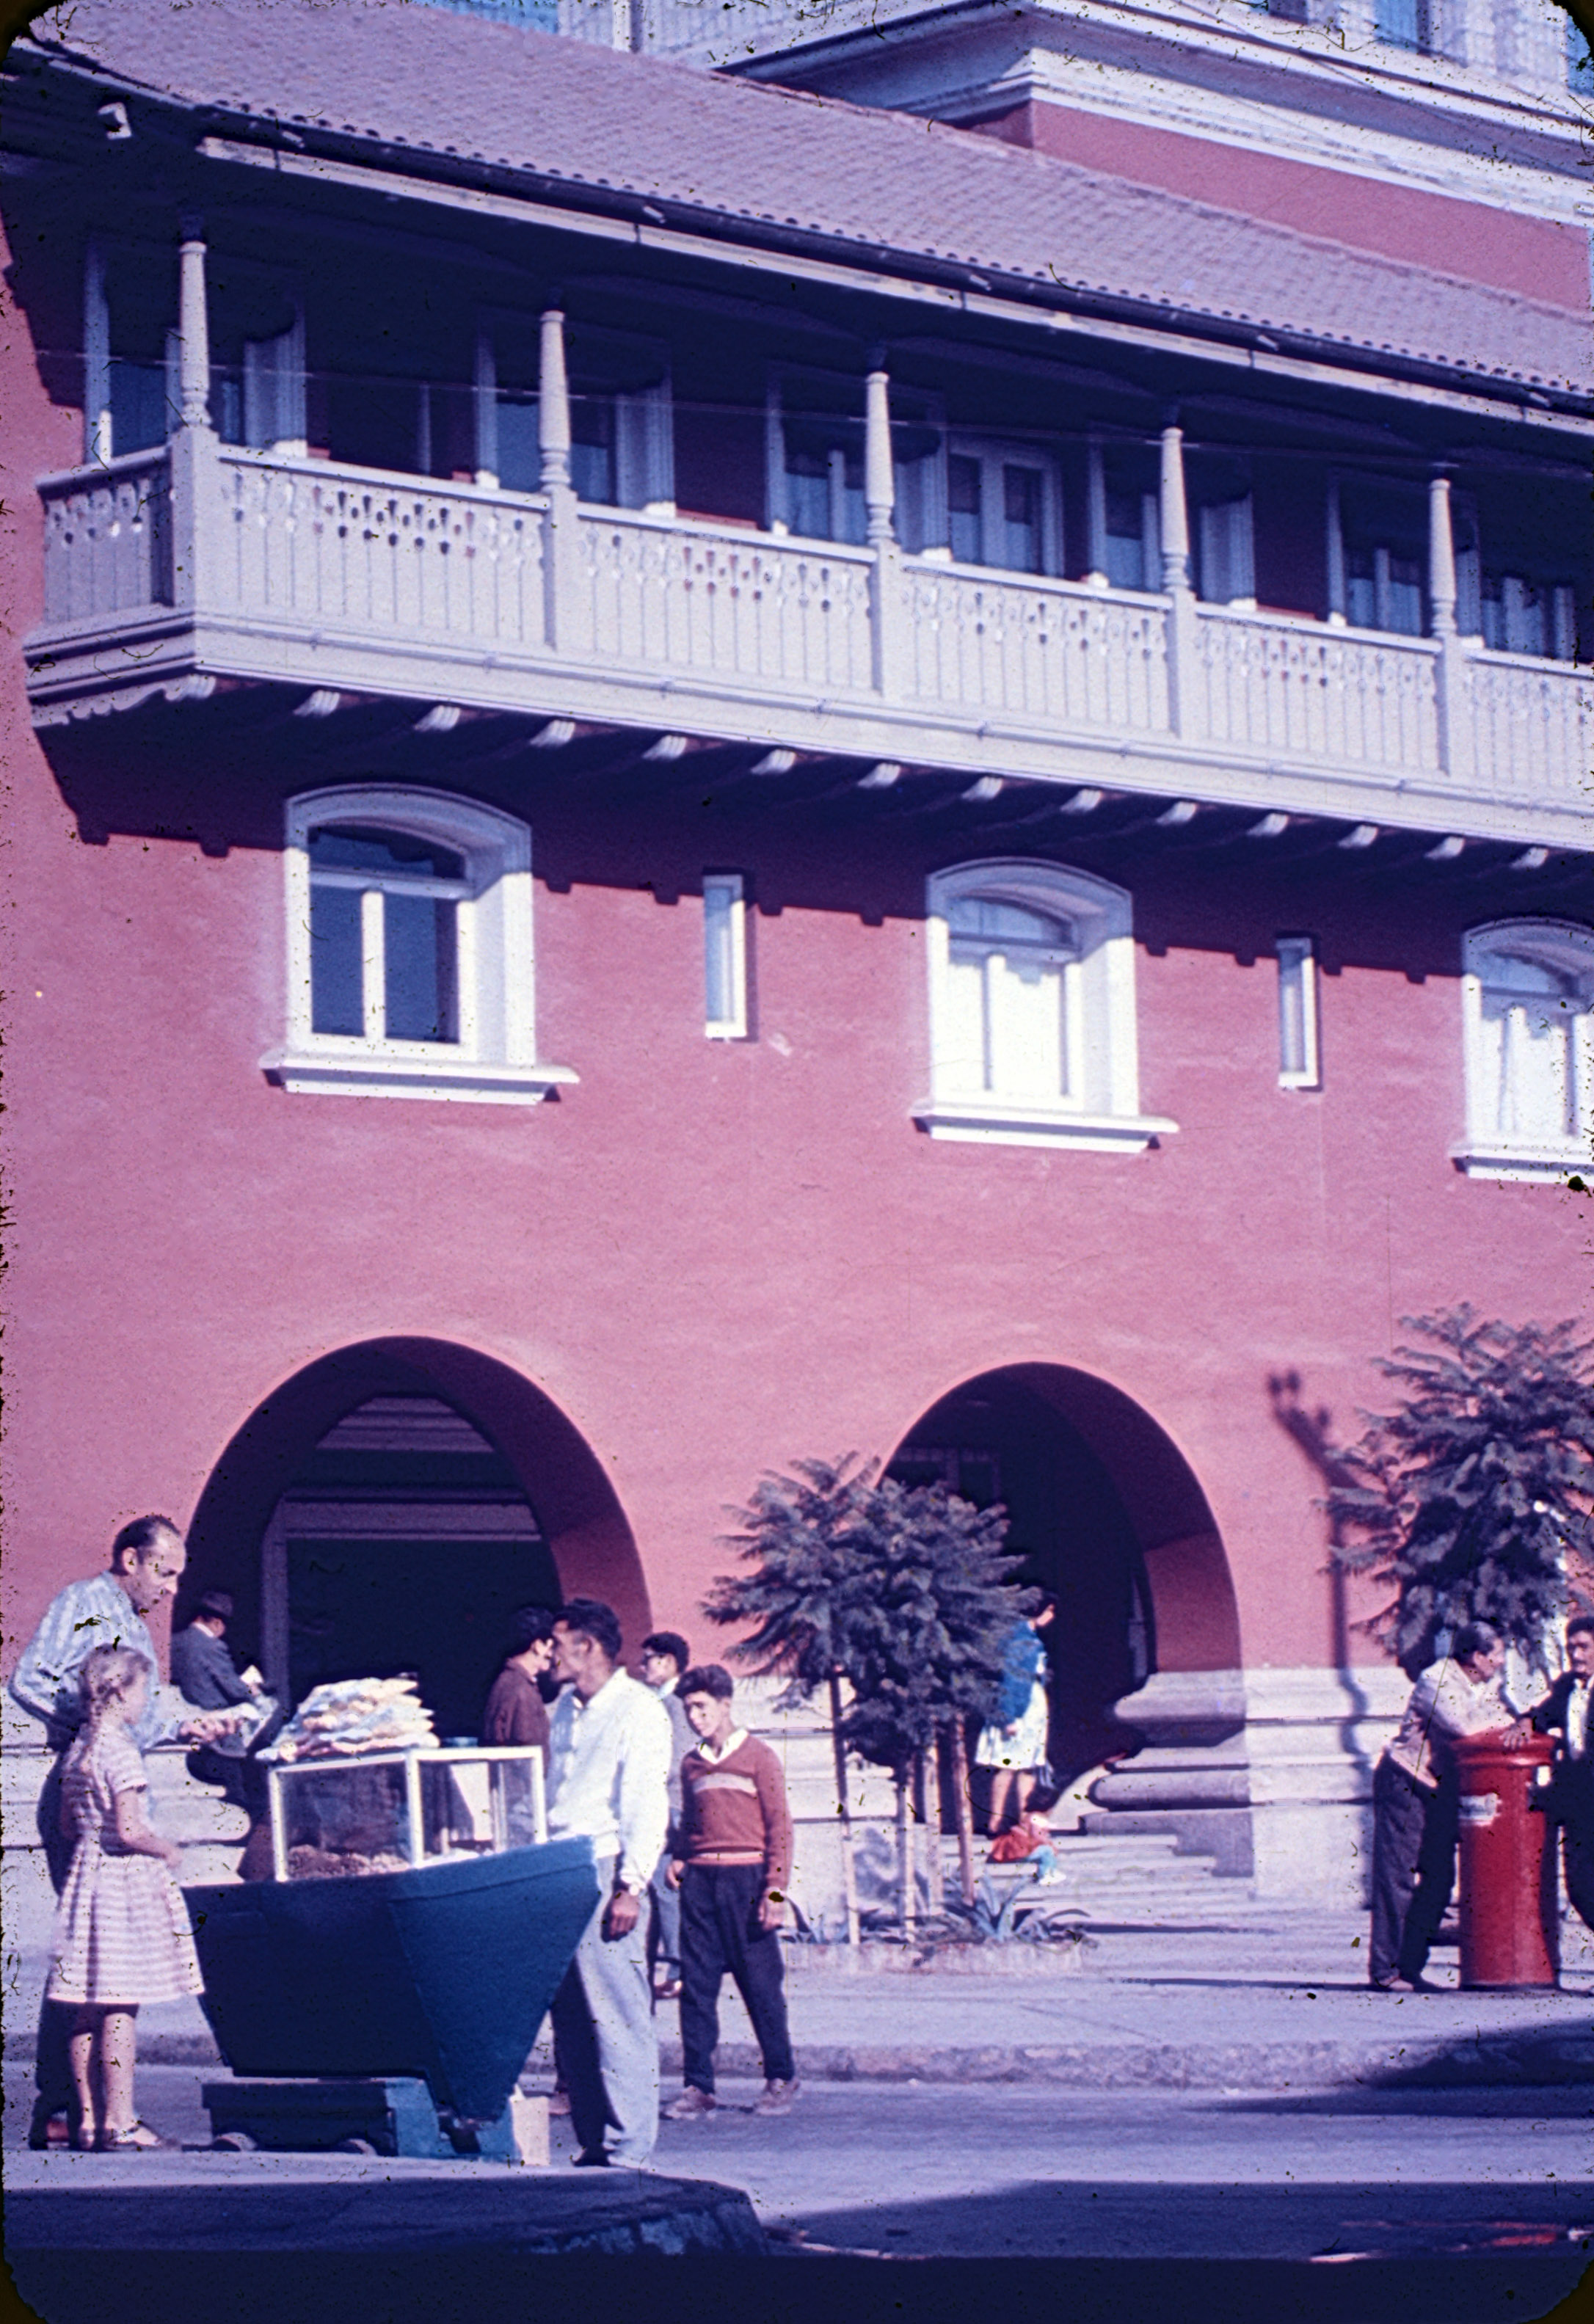 Enterreno - Fotos históricas de chile - fotos antiguas de Chile - Carrito manicero en La Serena, 1960s